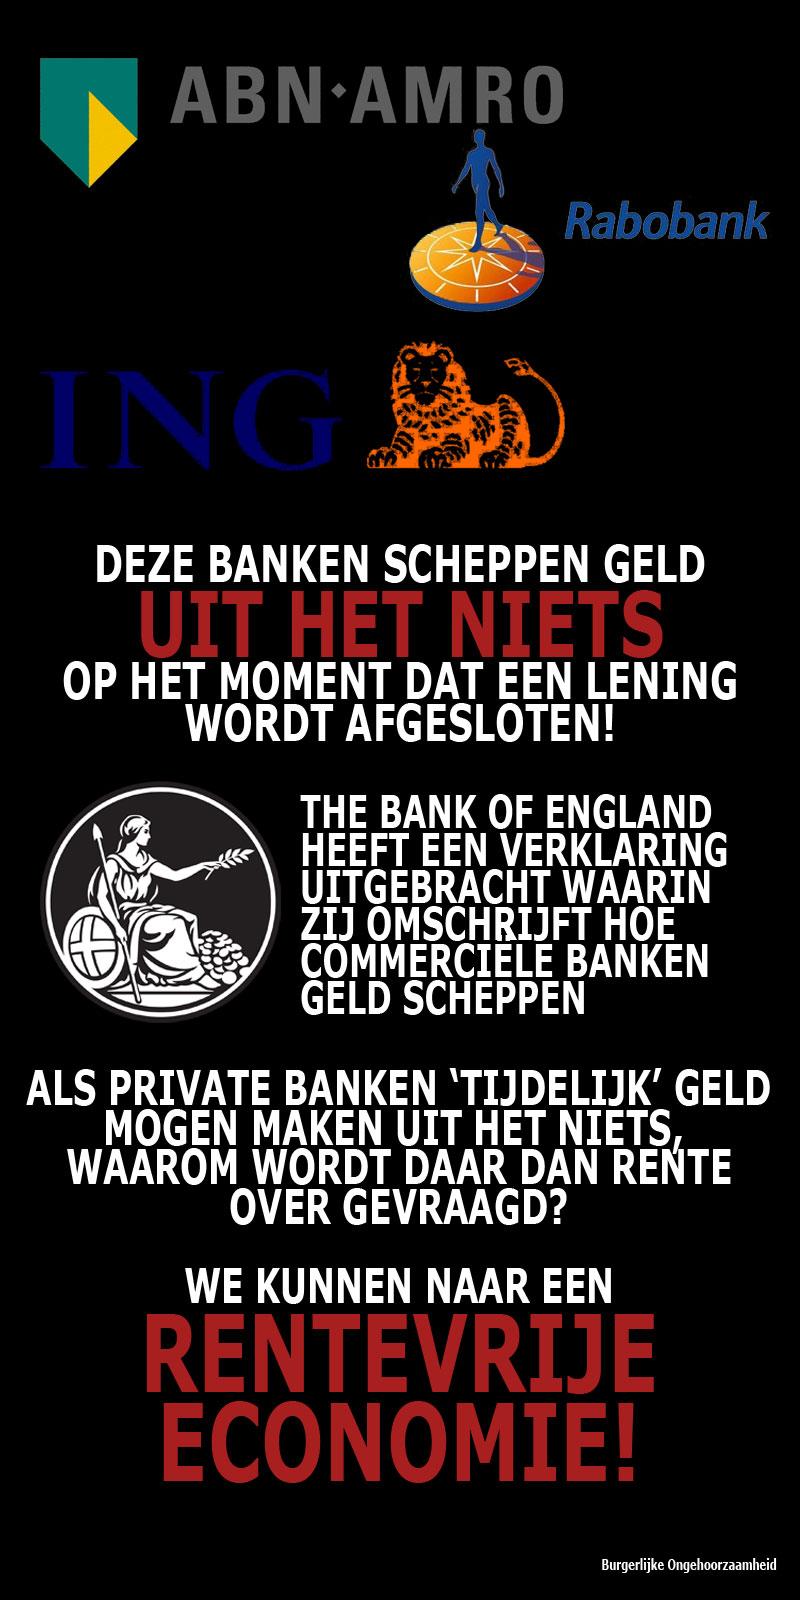 Commerciele Banken maken tijdelijk geld uit et niets